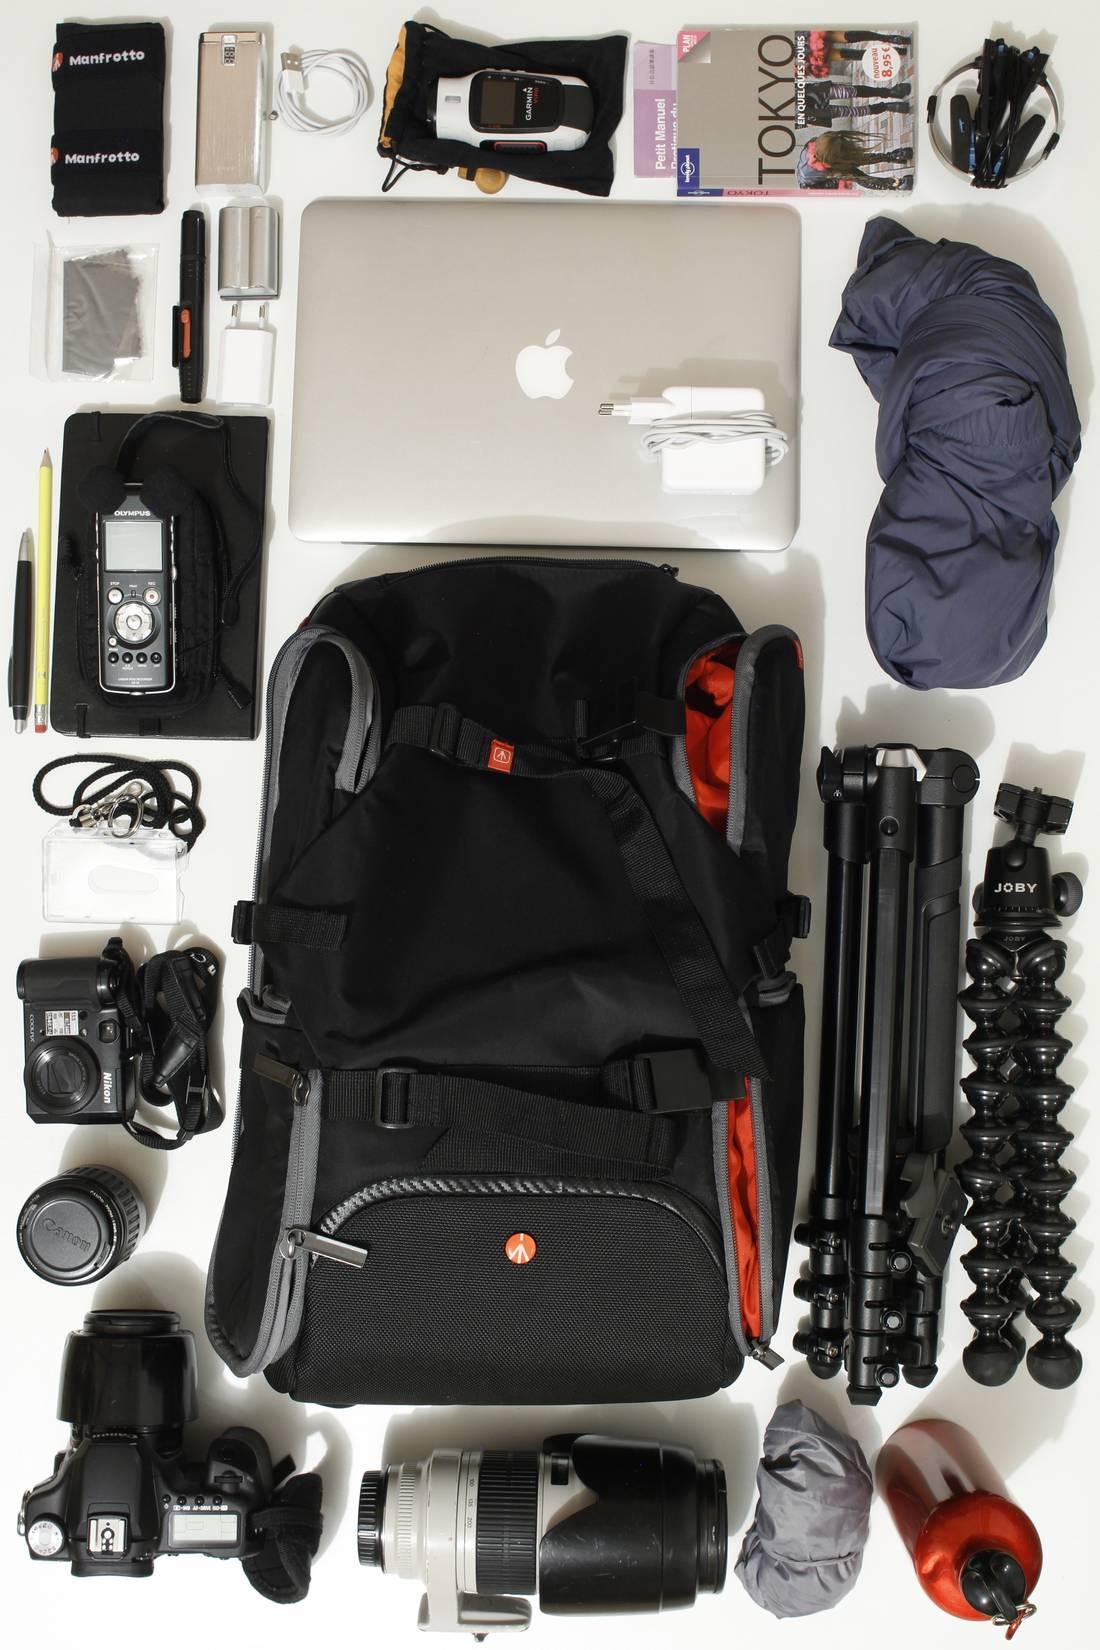 Le sac à dos photo Manfrotto Travel Backpack, entouré du matériel et de divers objets qu'il peut contenir. Ph. Moctar KANE.